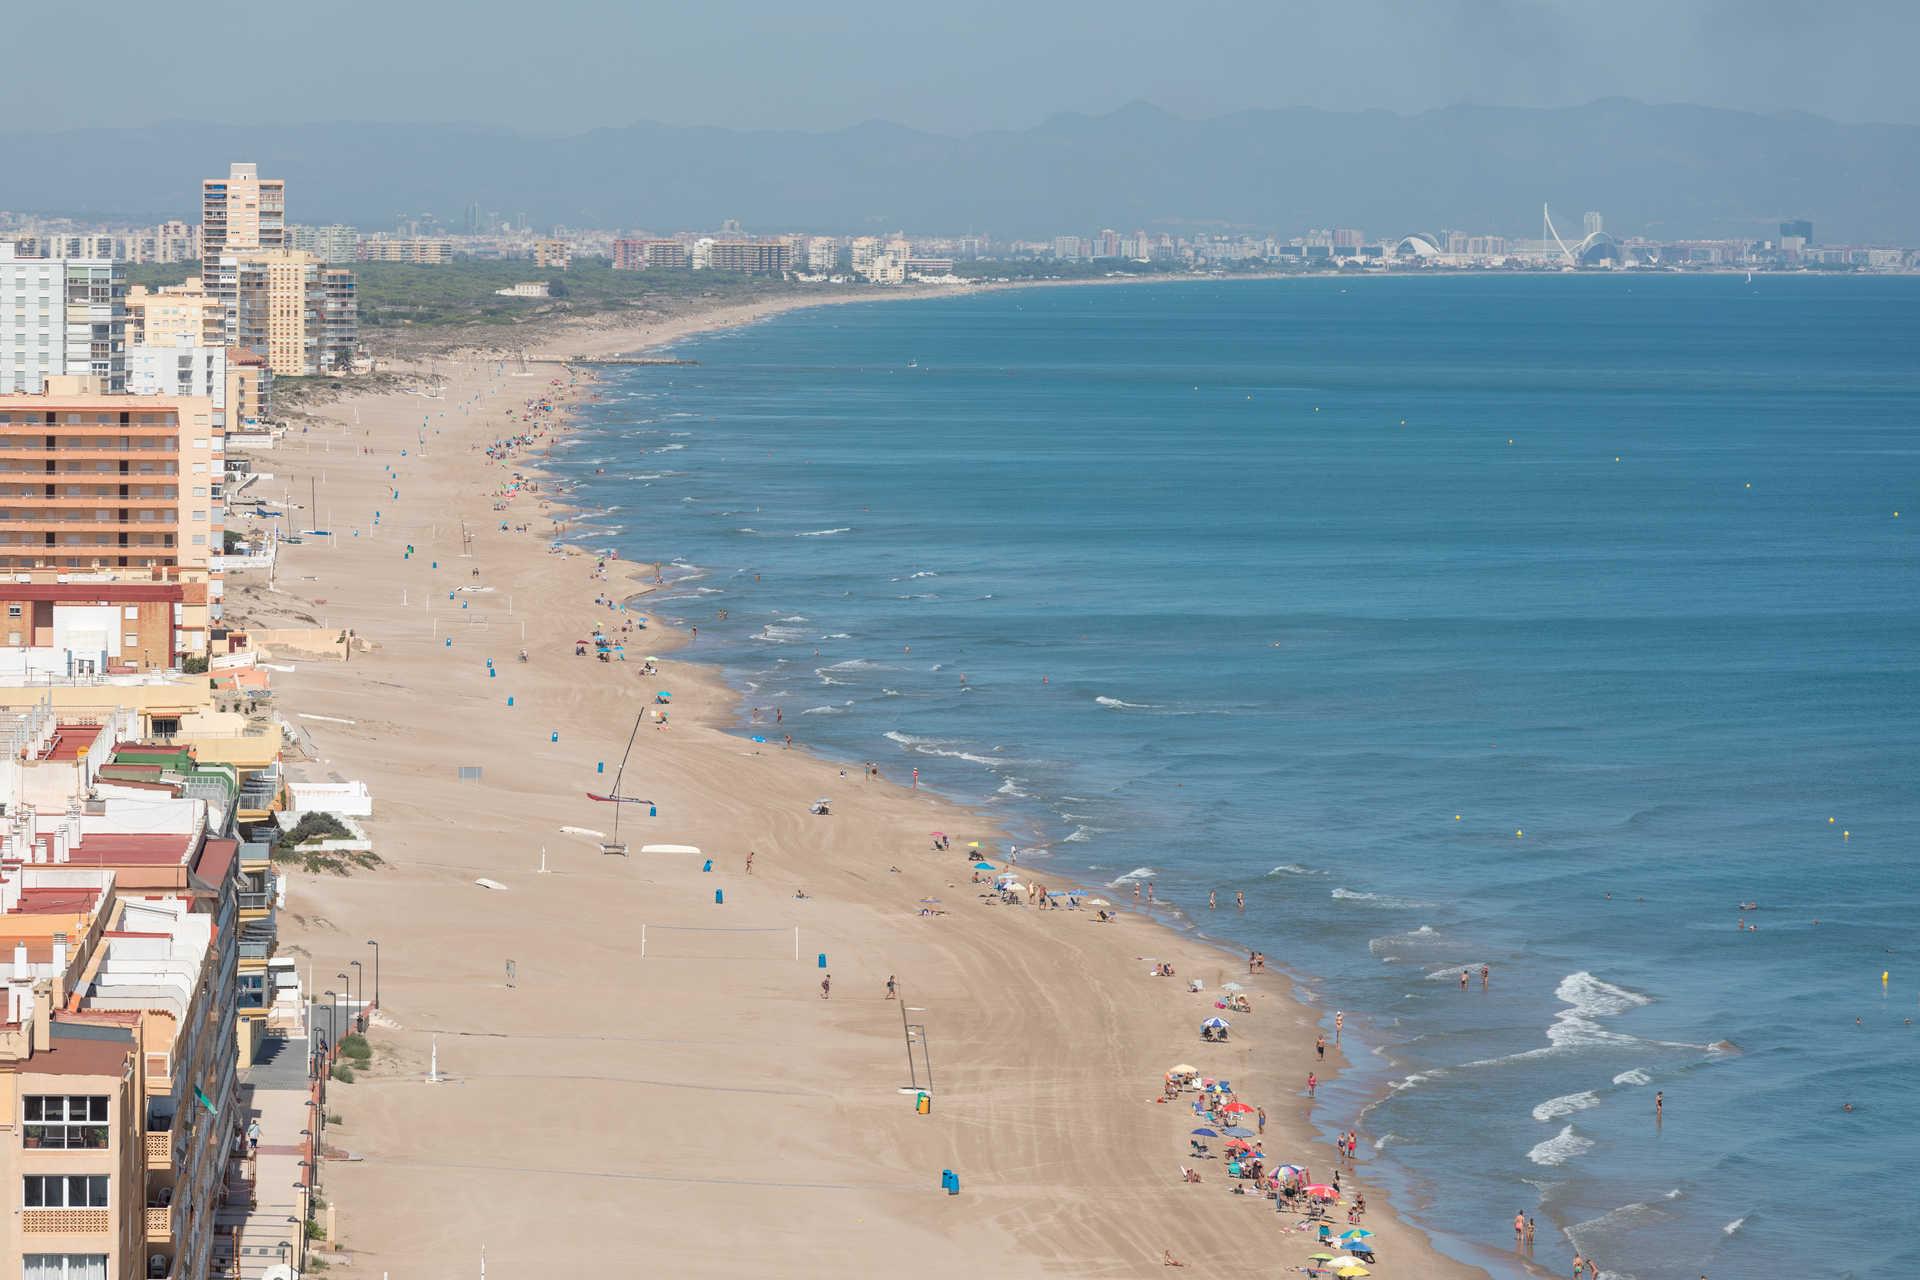 https://multimedia.comunitatvalenciana.com/C2C83EF500244B8E905DD971AB6B5C1D/img/7D95CCDC353045228A1F39B9BEF25BC1/Playa_del_Perellonet_B4A1133.jpg?responsive